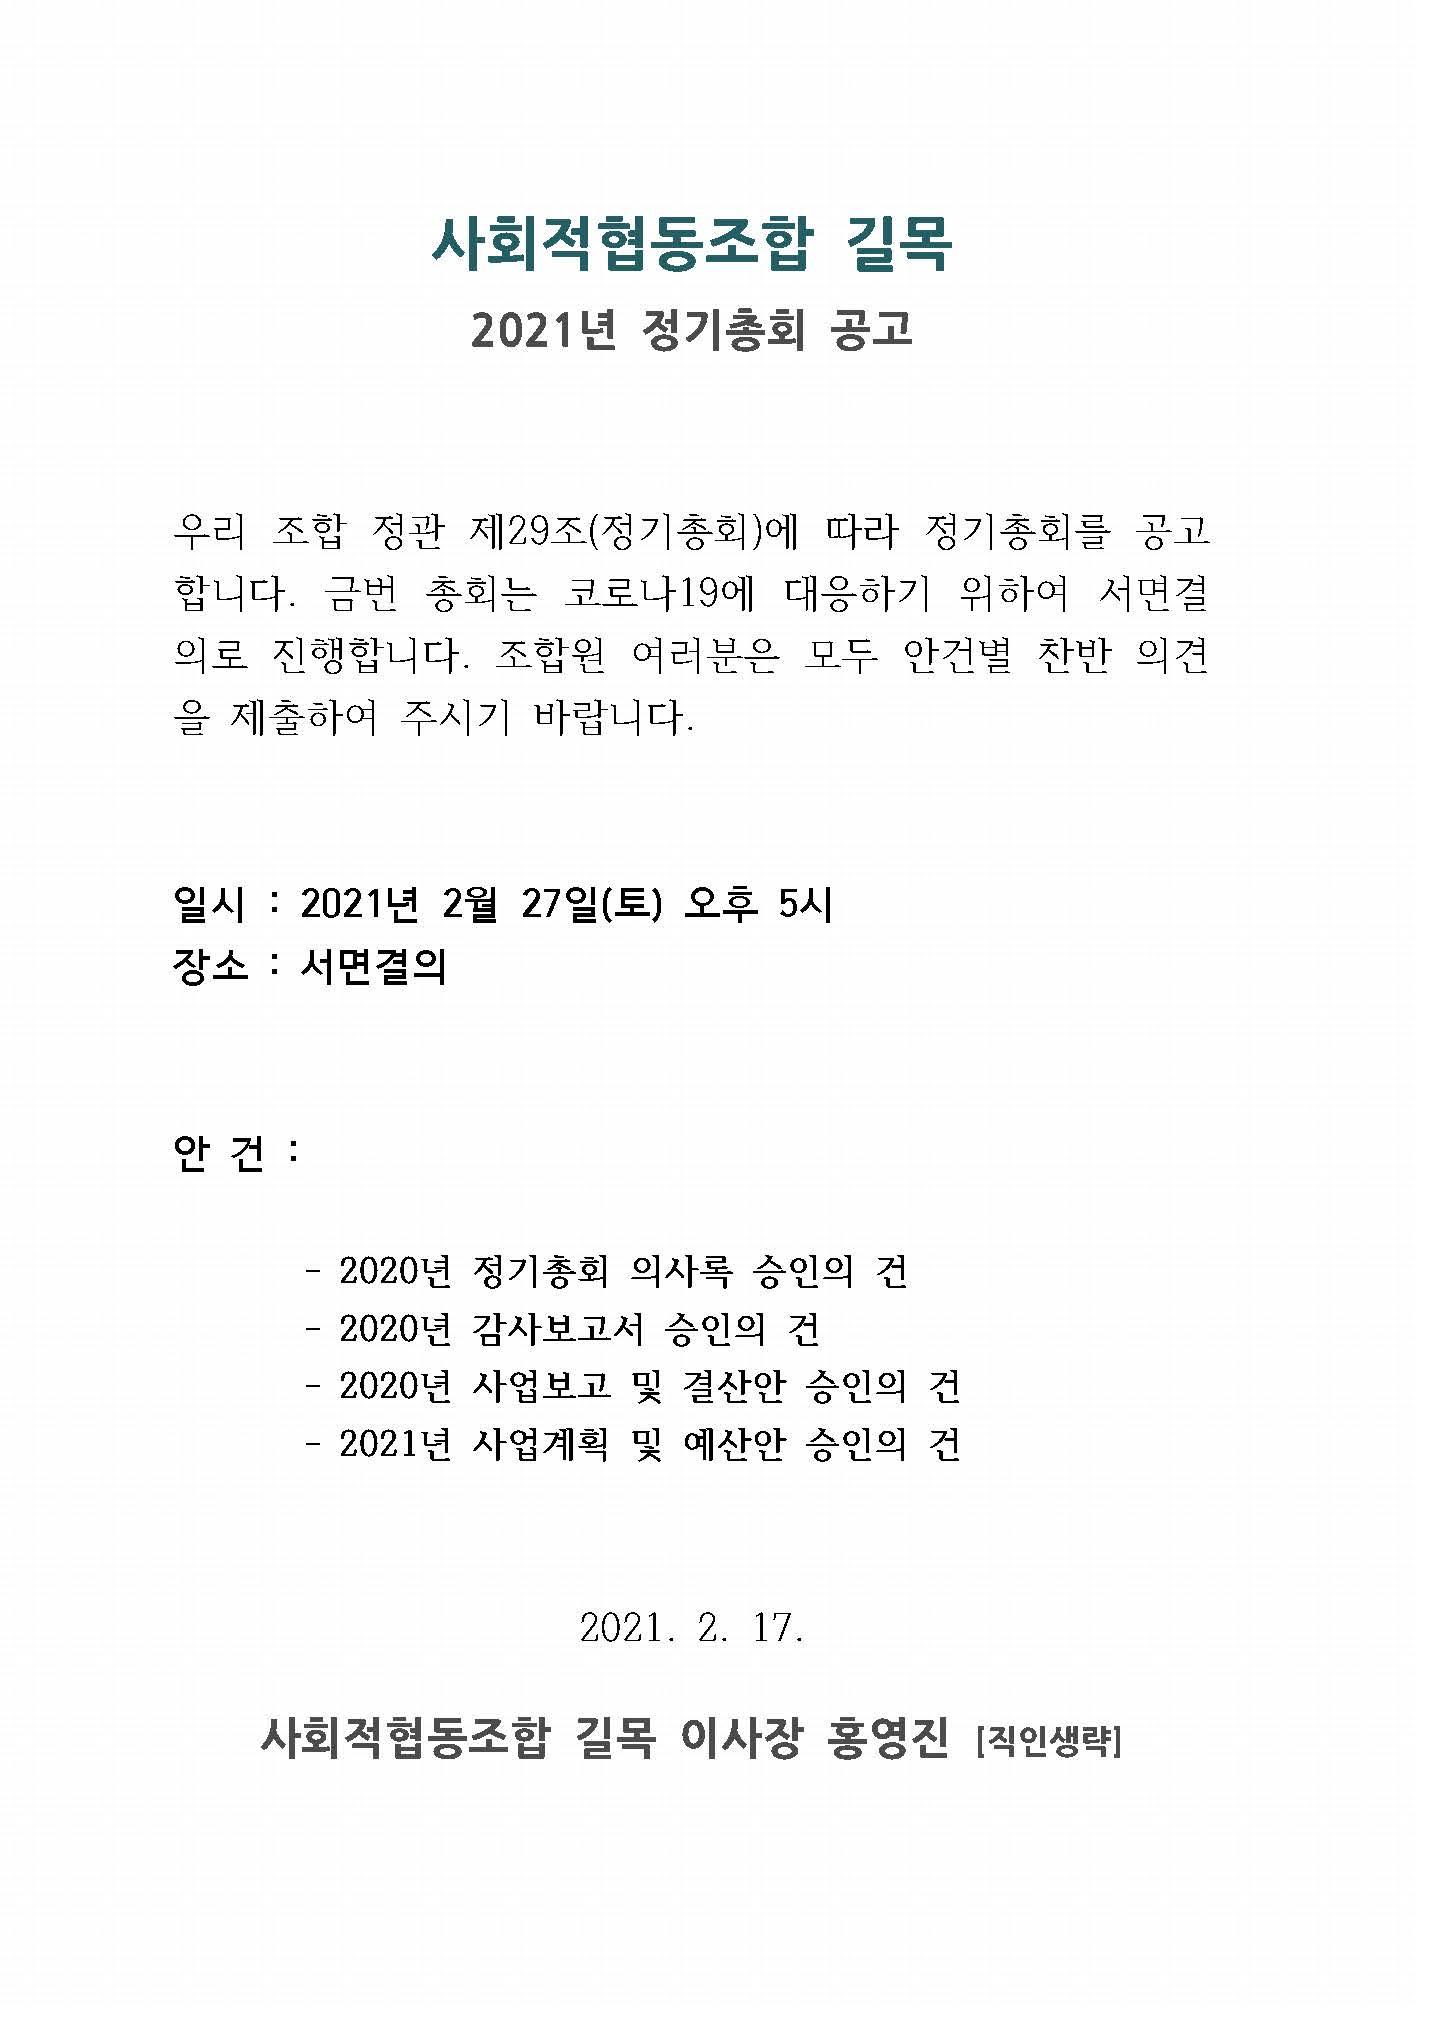 사회적협동조합 길목_2021년 정기총회 공고.jpg